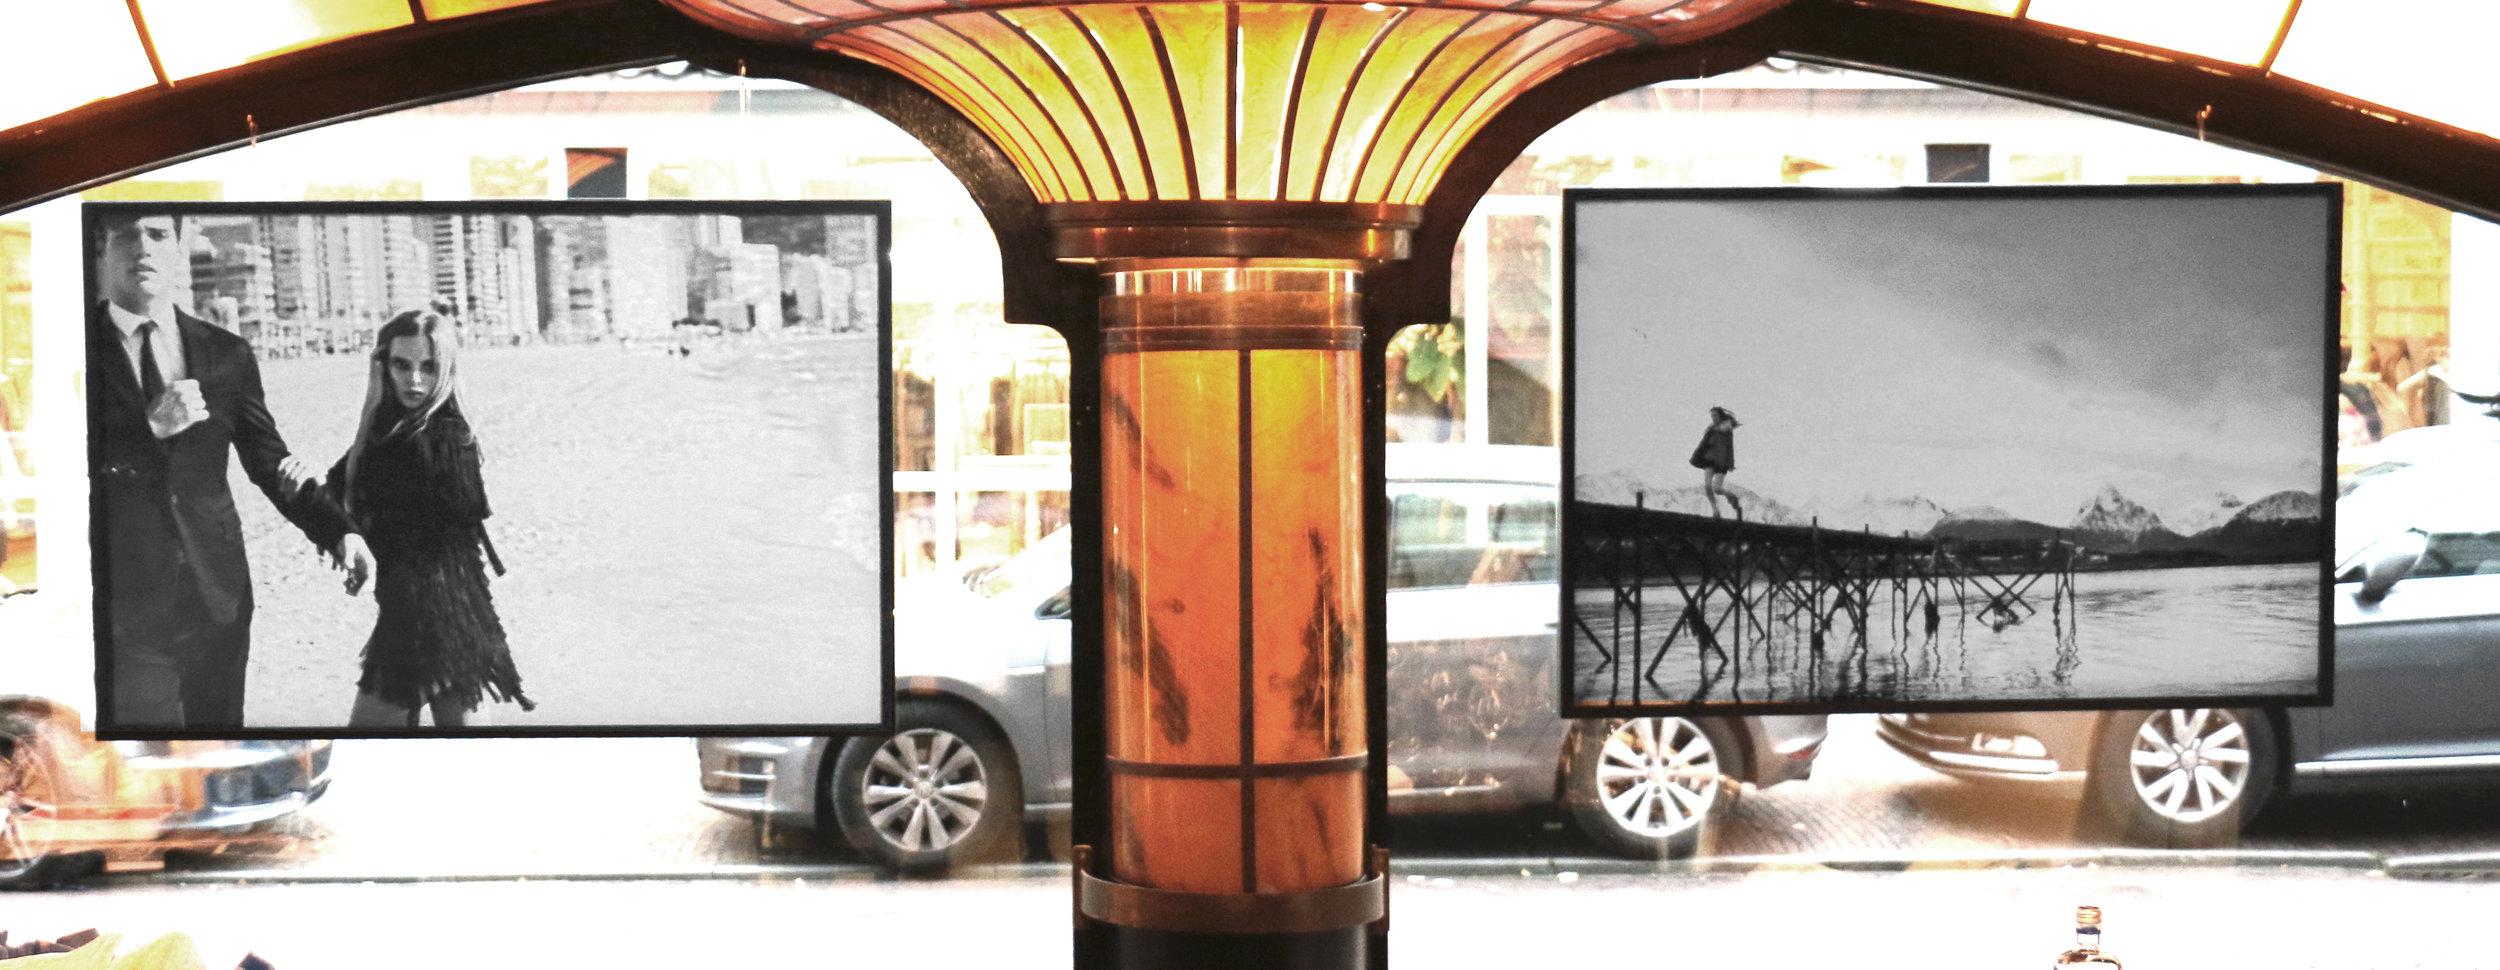 Kunst10daagse-spread.jpg